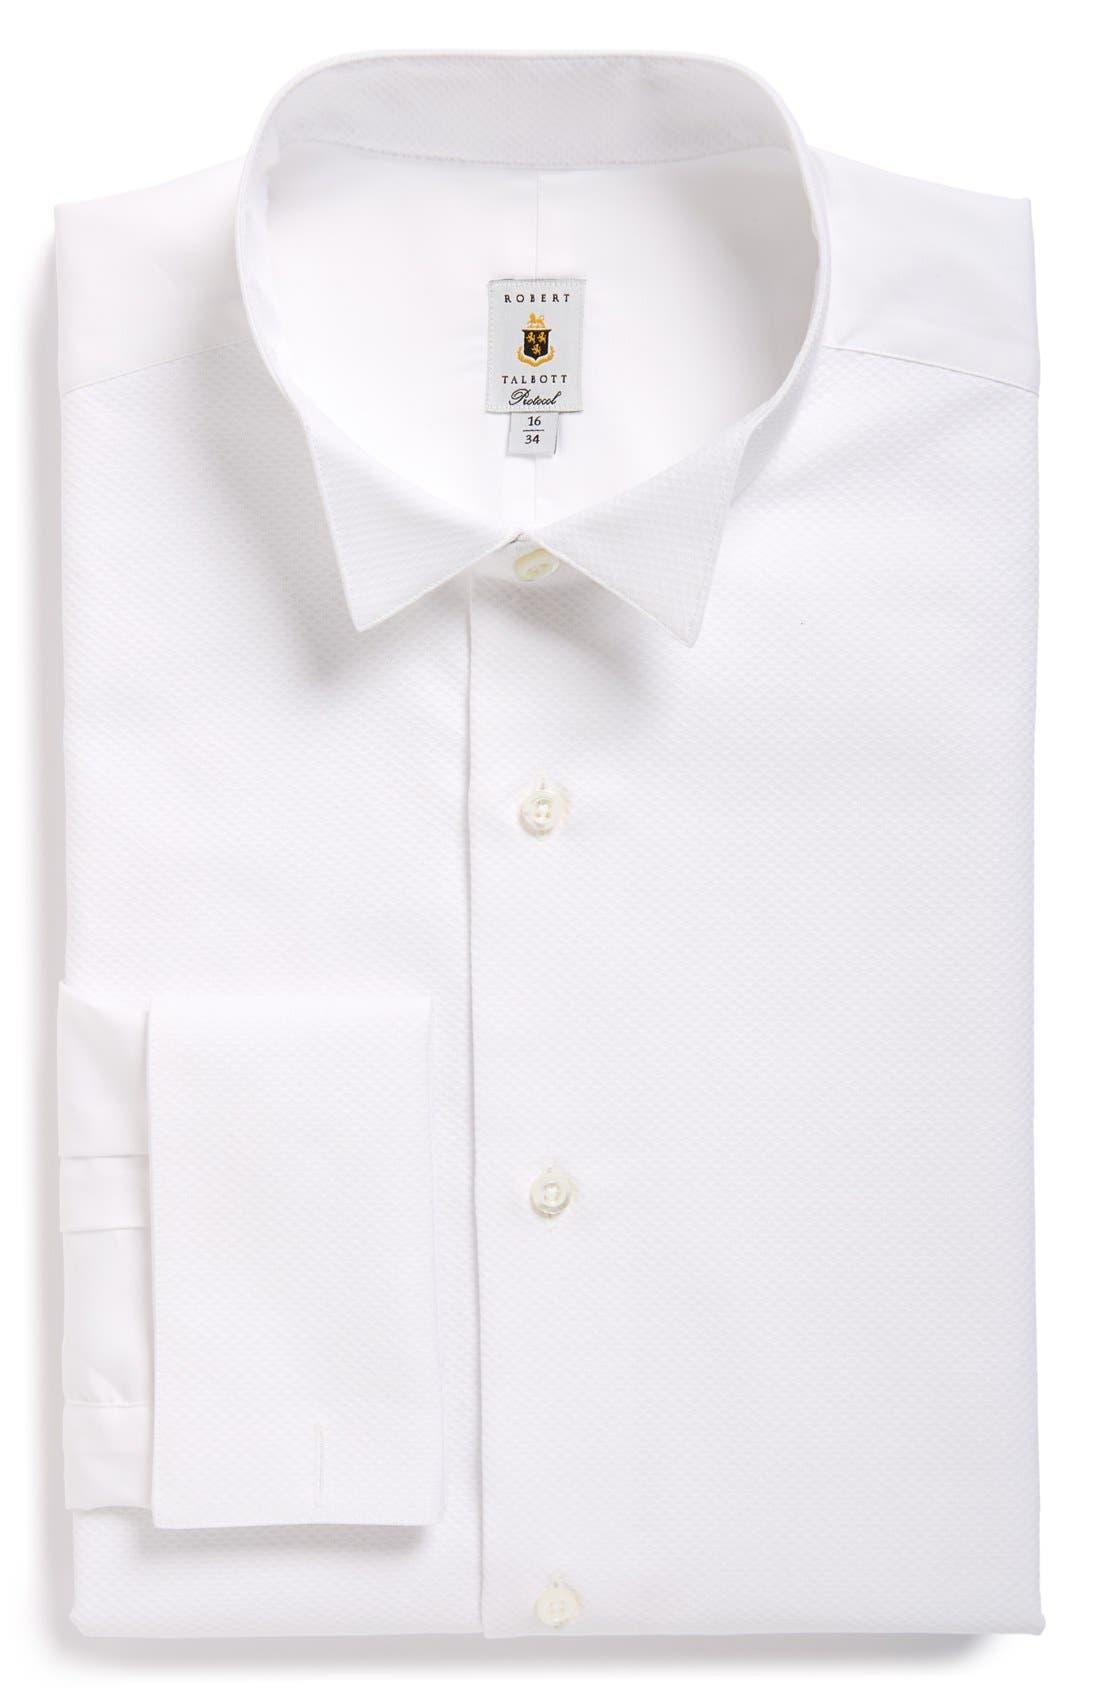 Alternate Image 1 Selected - Robert Talbott Bib Front Tuxedo Shirt